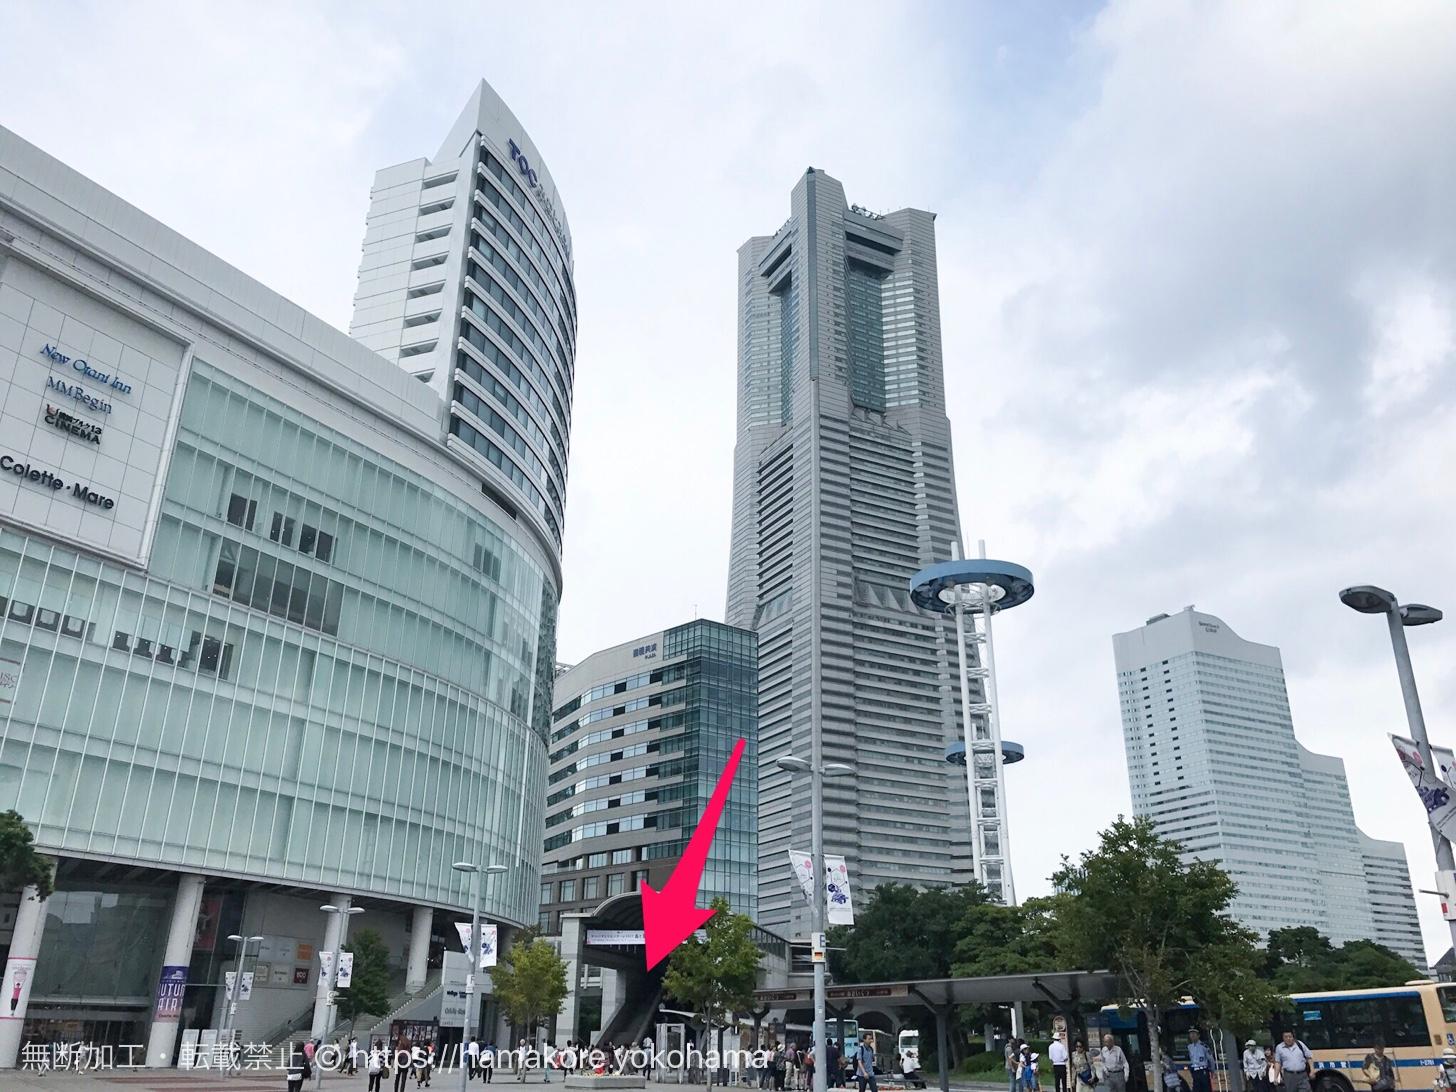 桜木町駅 エスカレーター